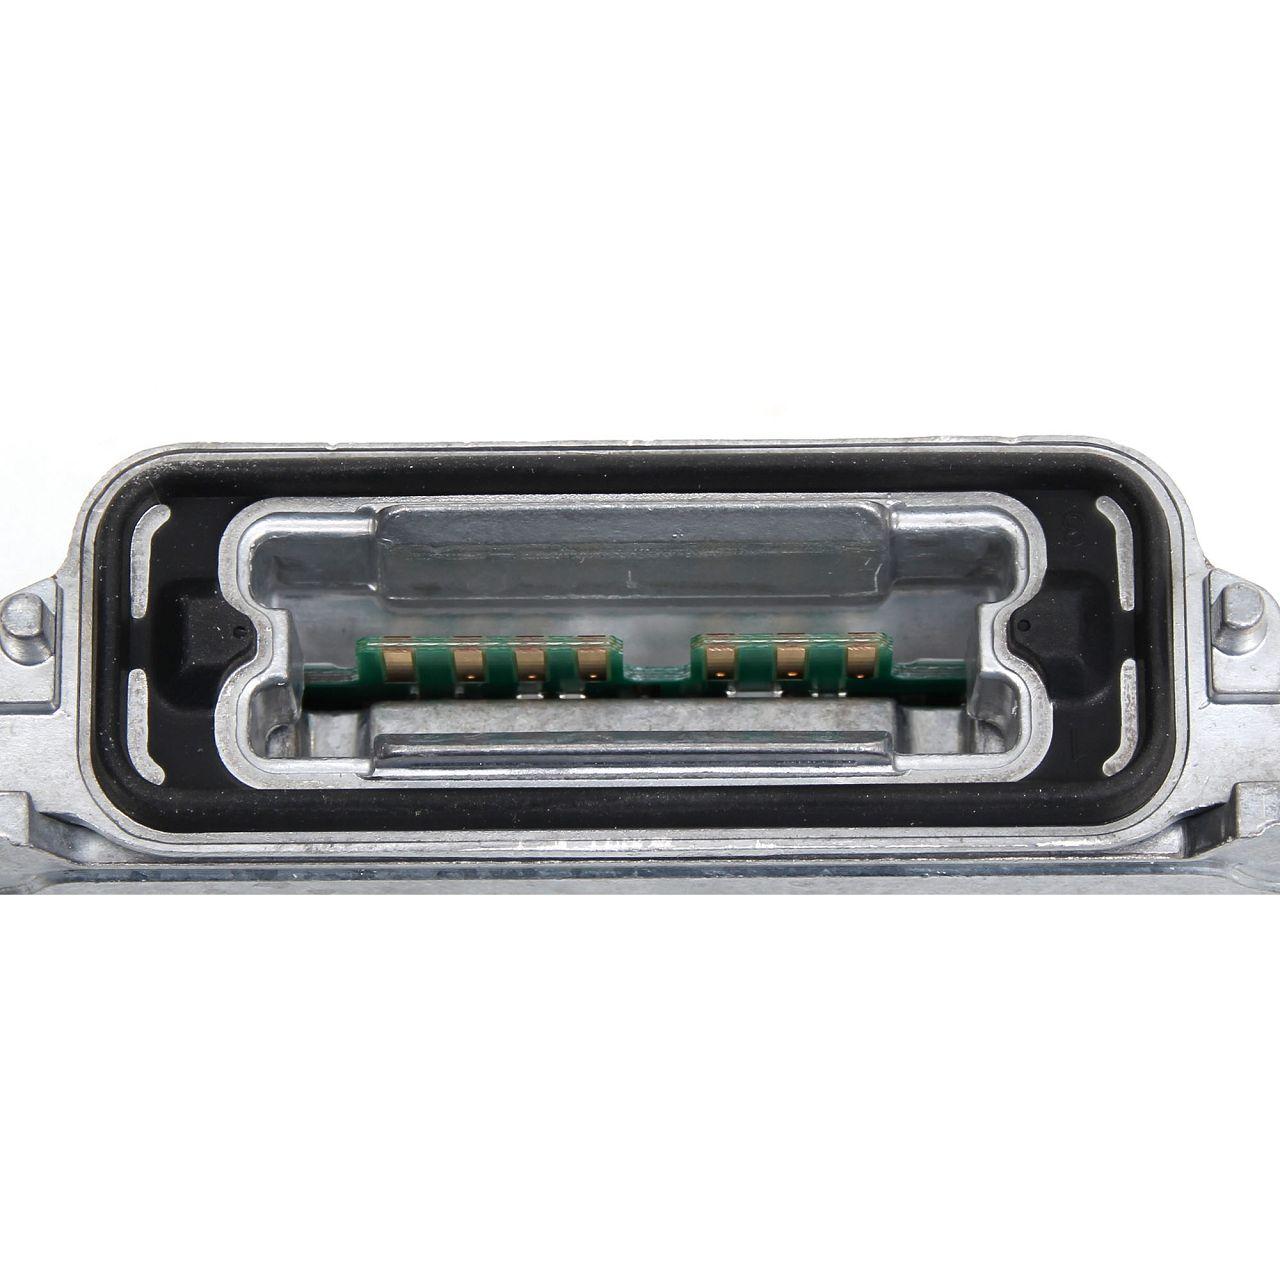 VALEO Steuergerät Vorschaltgerät 43731 Ballast Xenon Scheinwerfer 6G